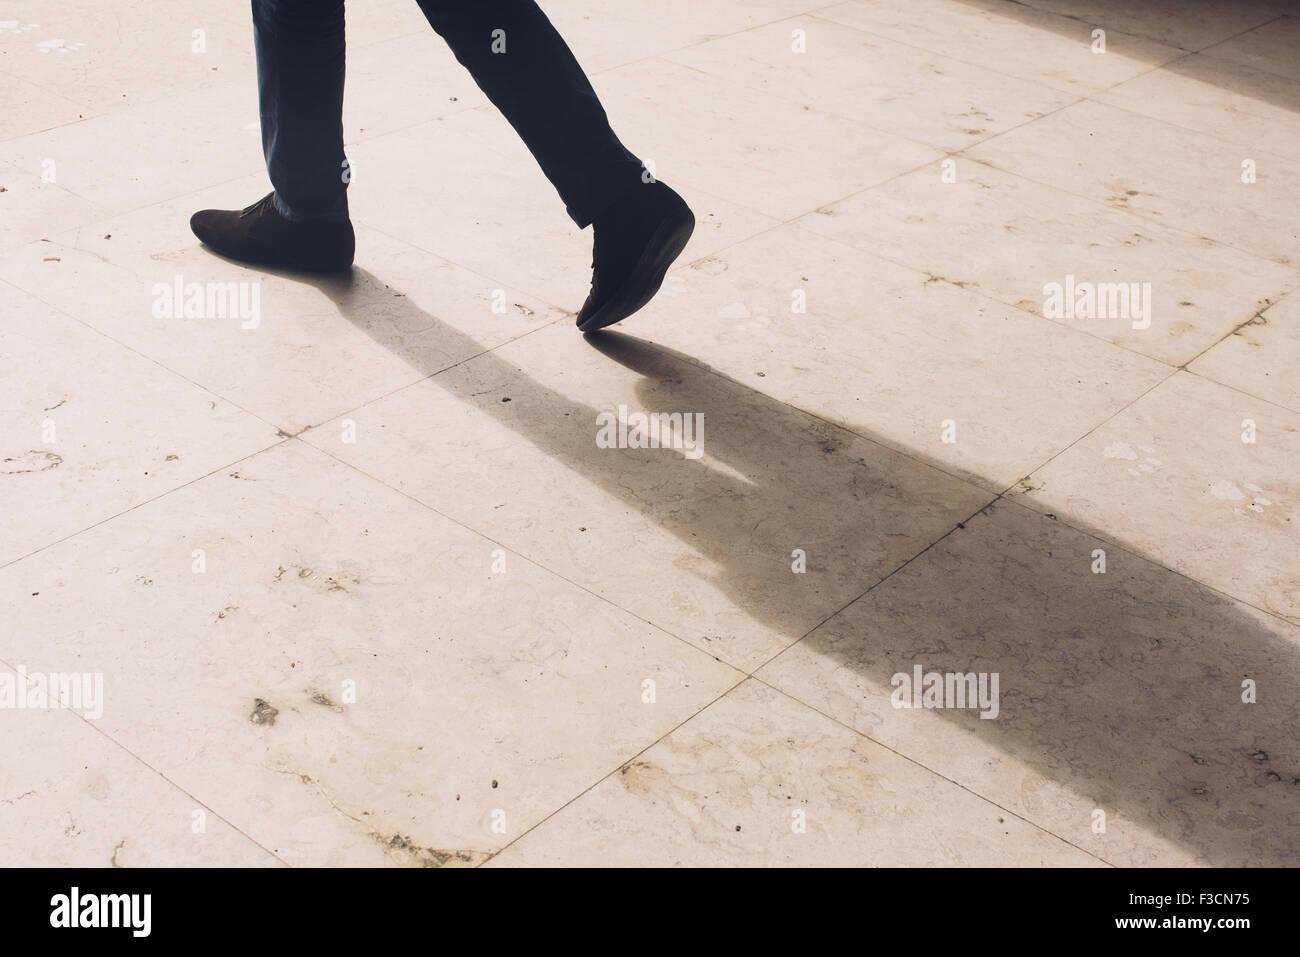 Fußgänger in Bewegung Stockbild